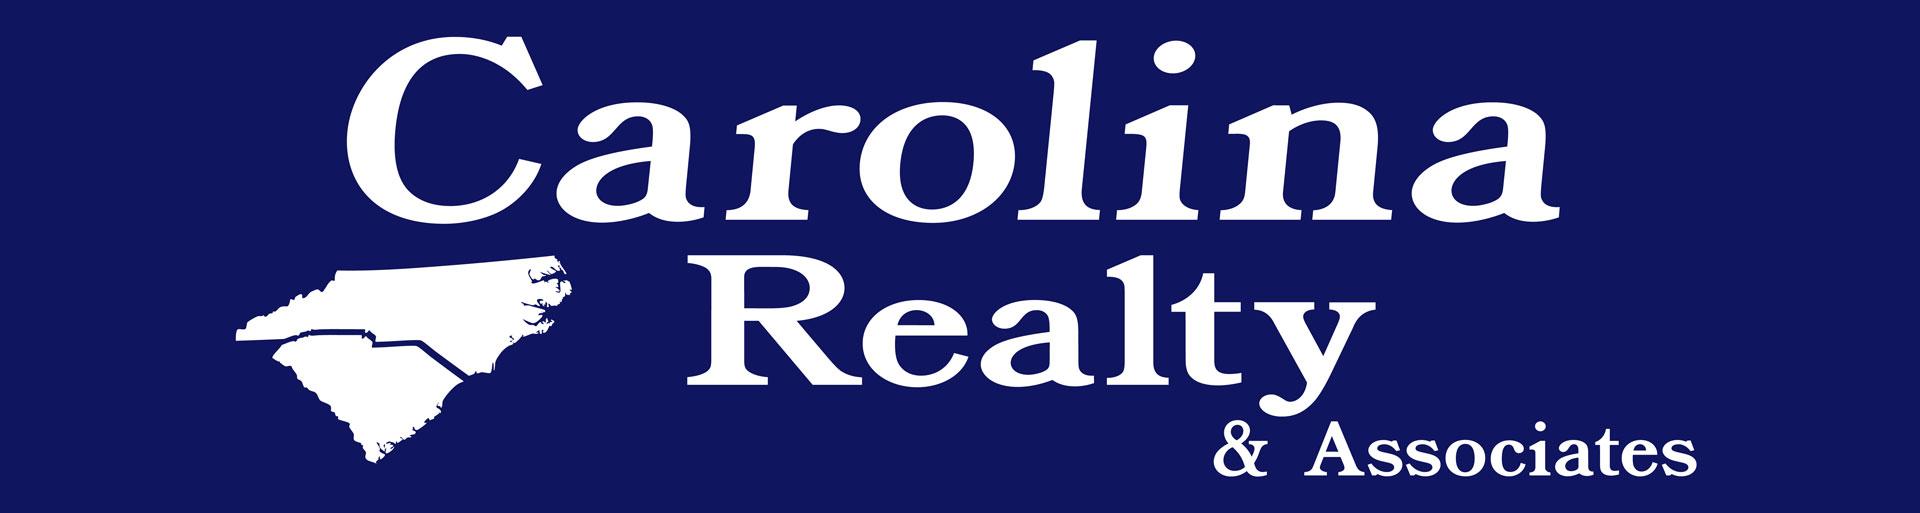 Carolina Realty & Associates